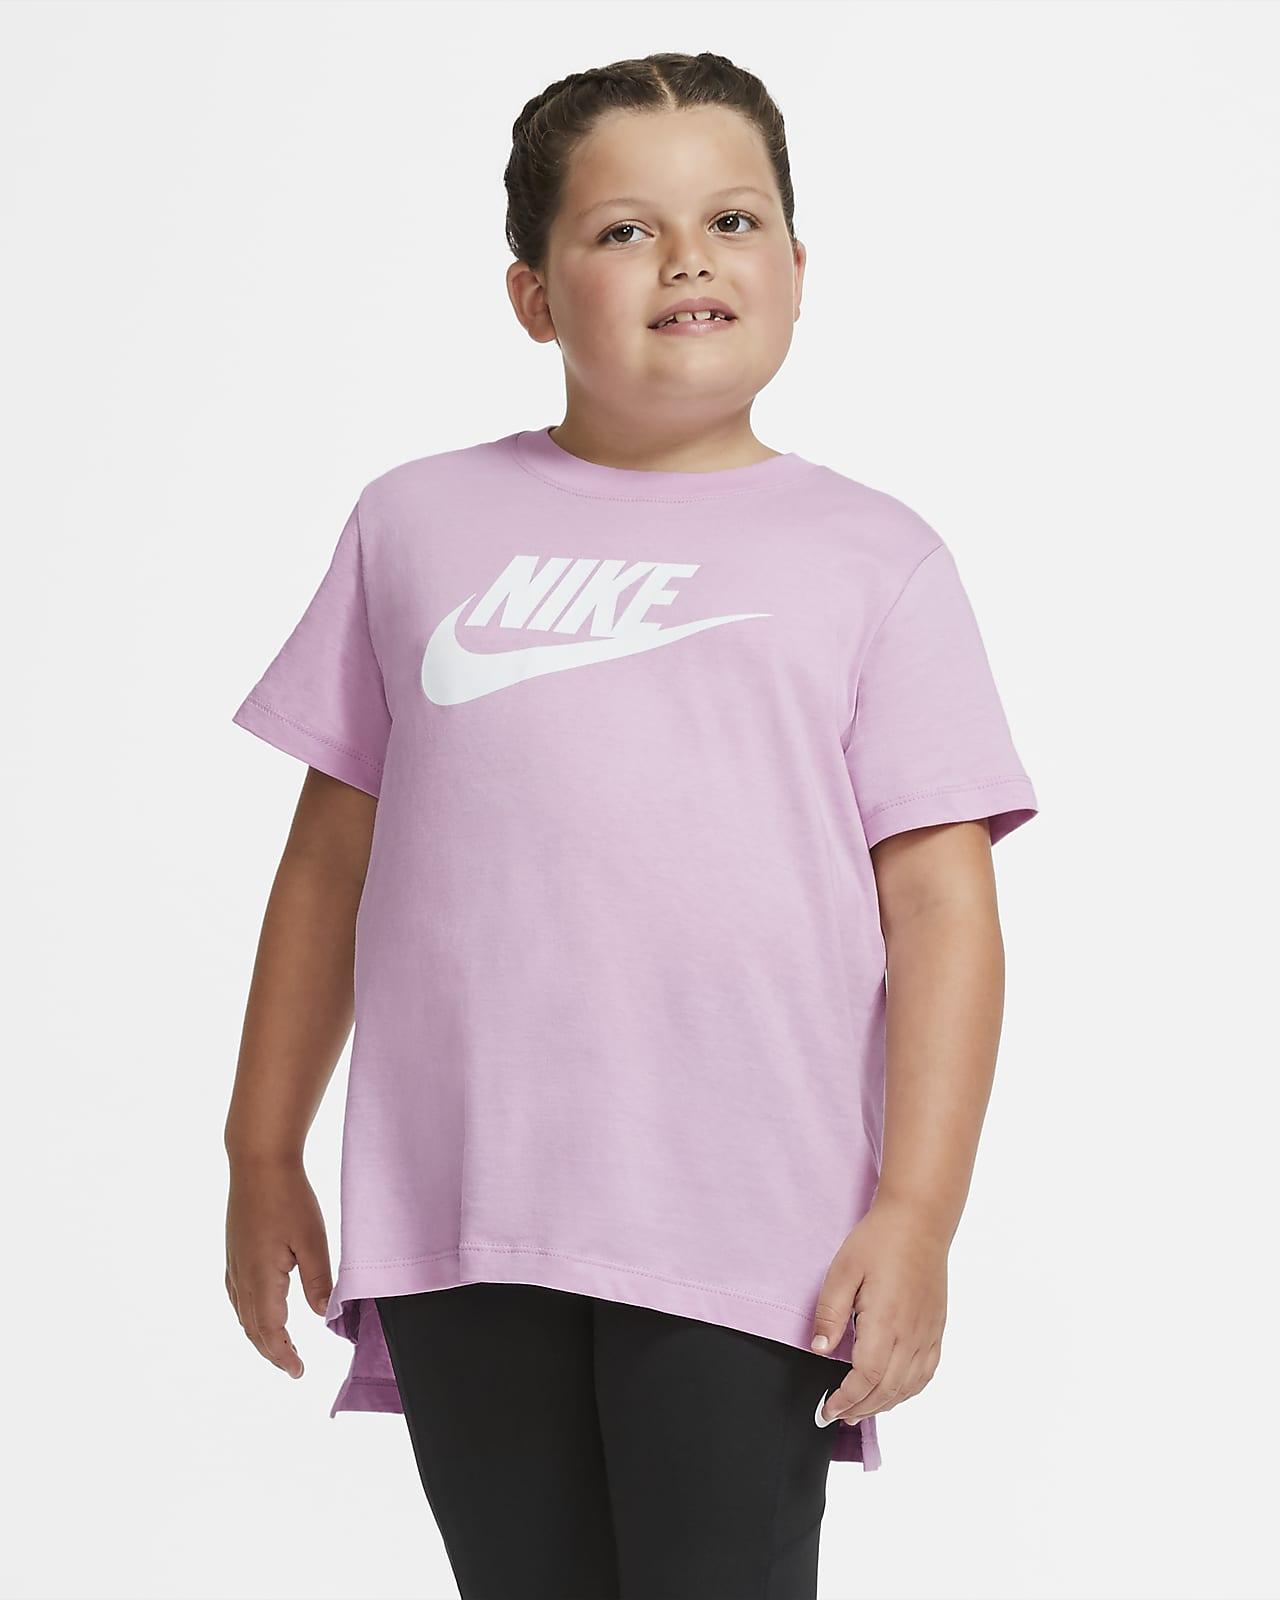 Nike T-Shirt für ältere Kinder (Mädchen) (erweiterte Größe)